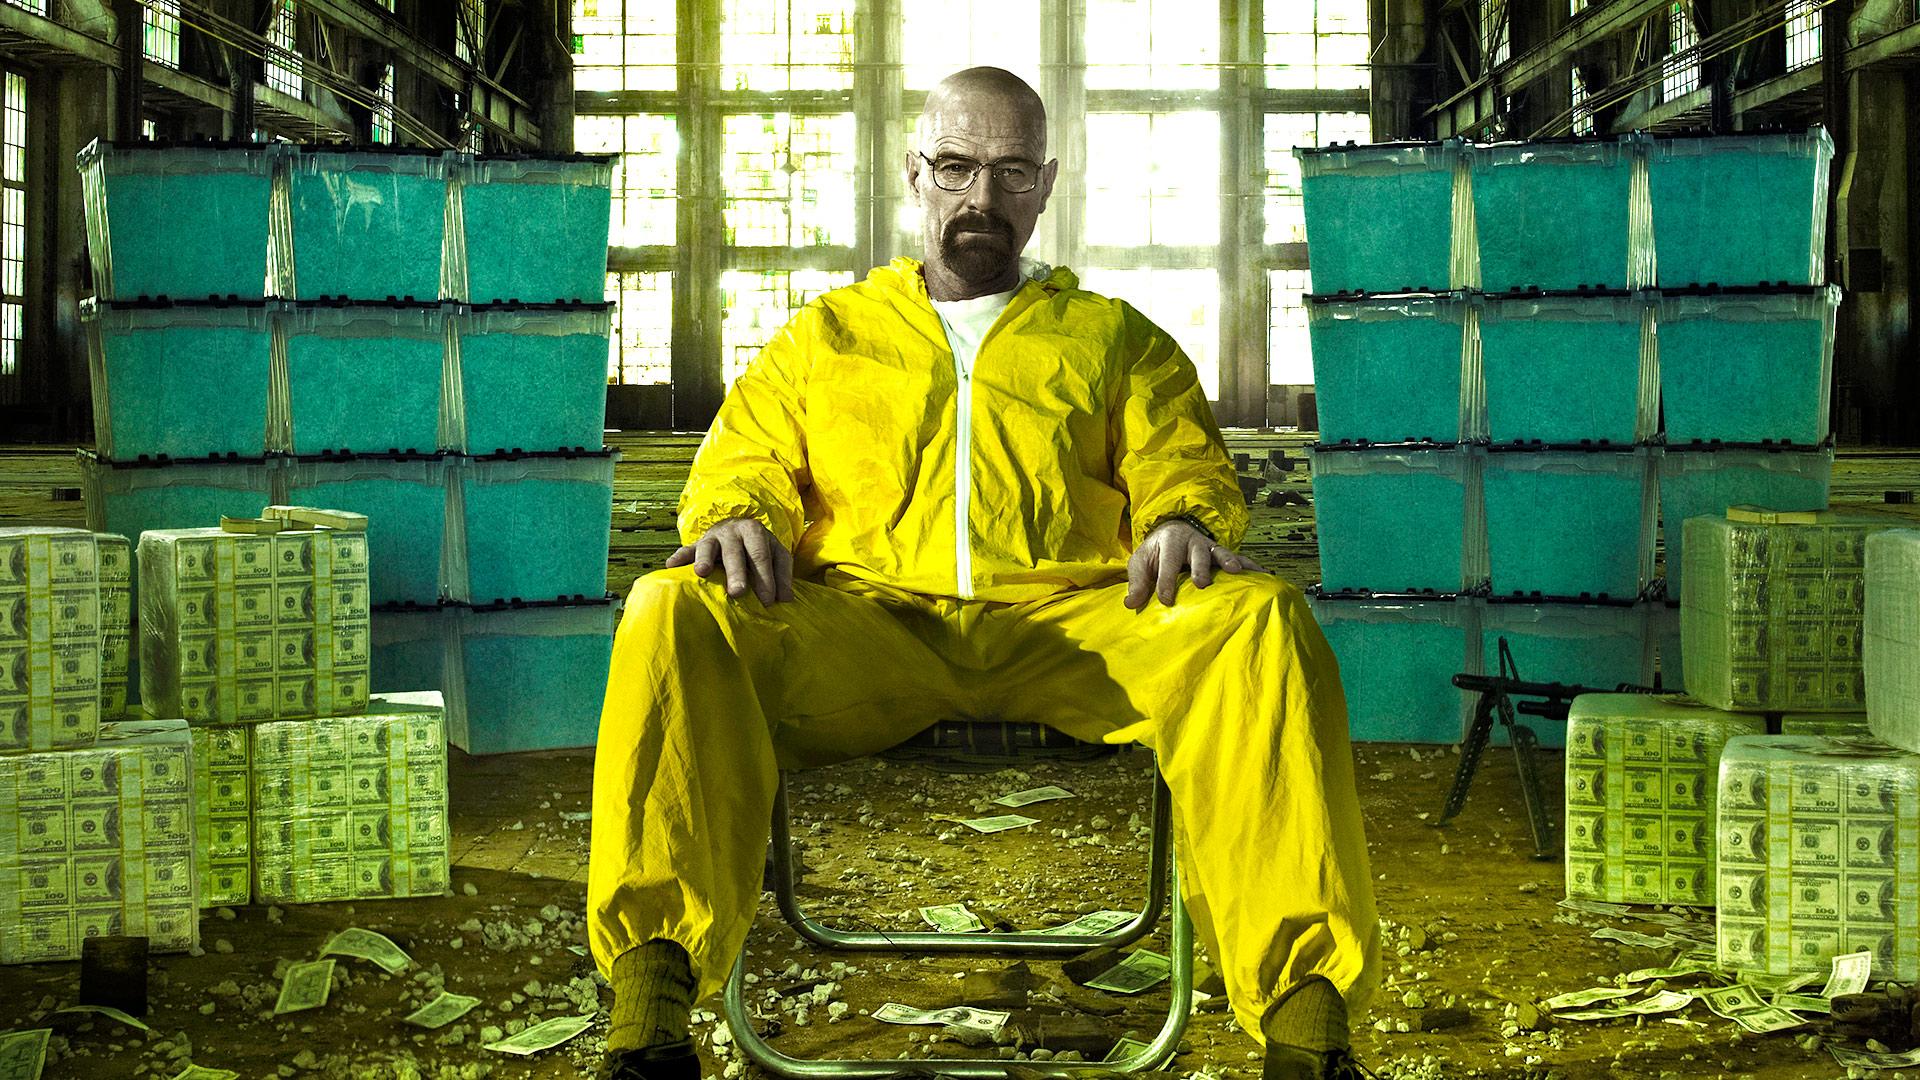 Heisenberg - The Meth Kingpin in Yellow